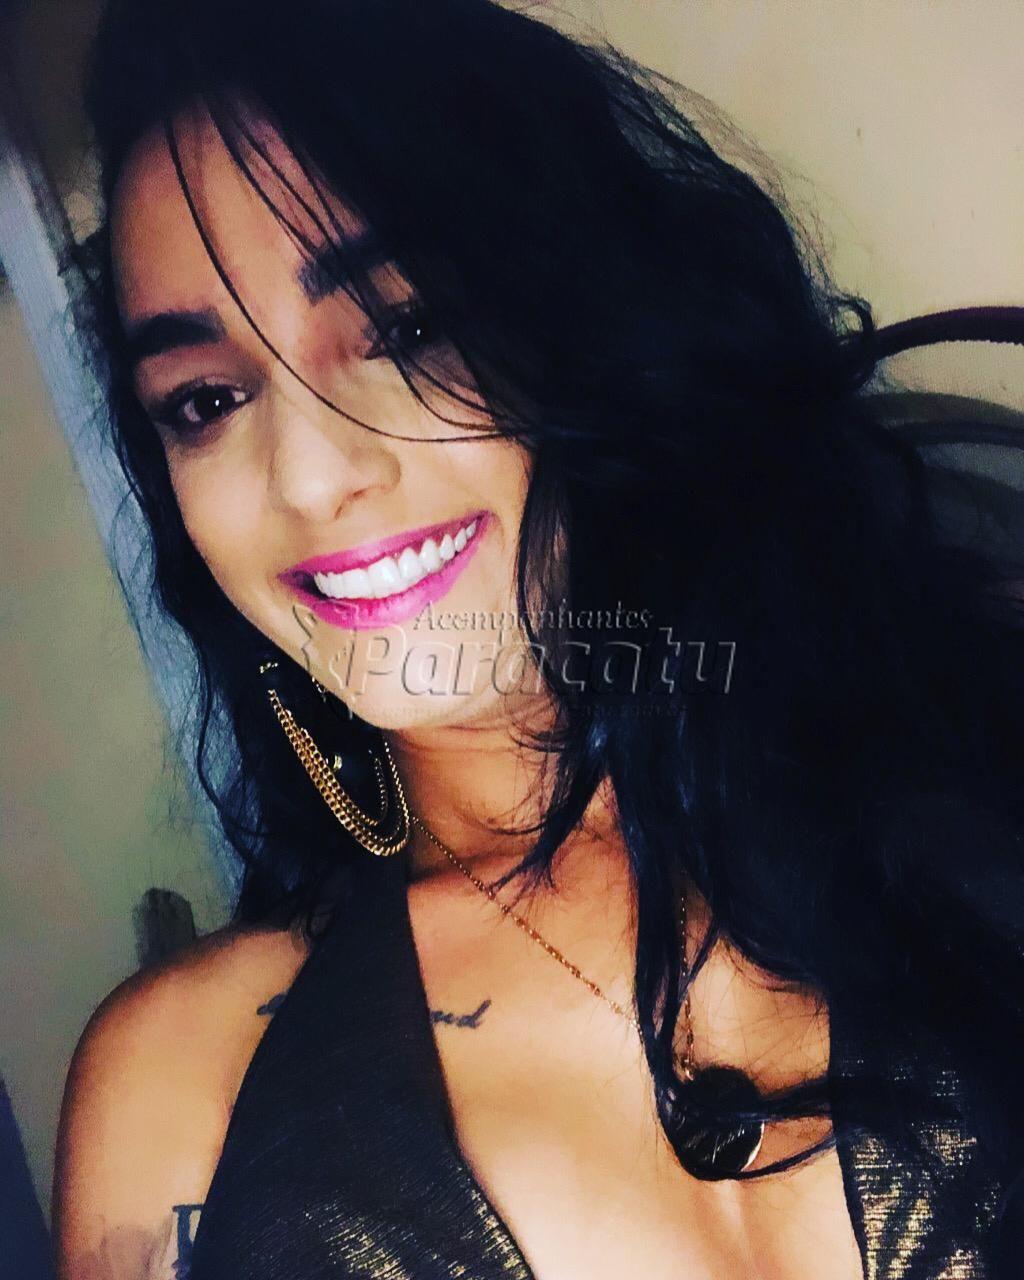 melissa-prado-acompanhantes-em-paracatu-1 Melissa Prado